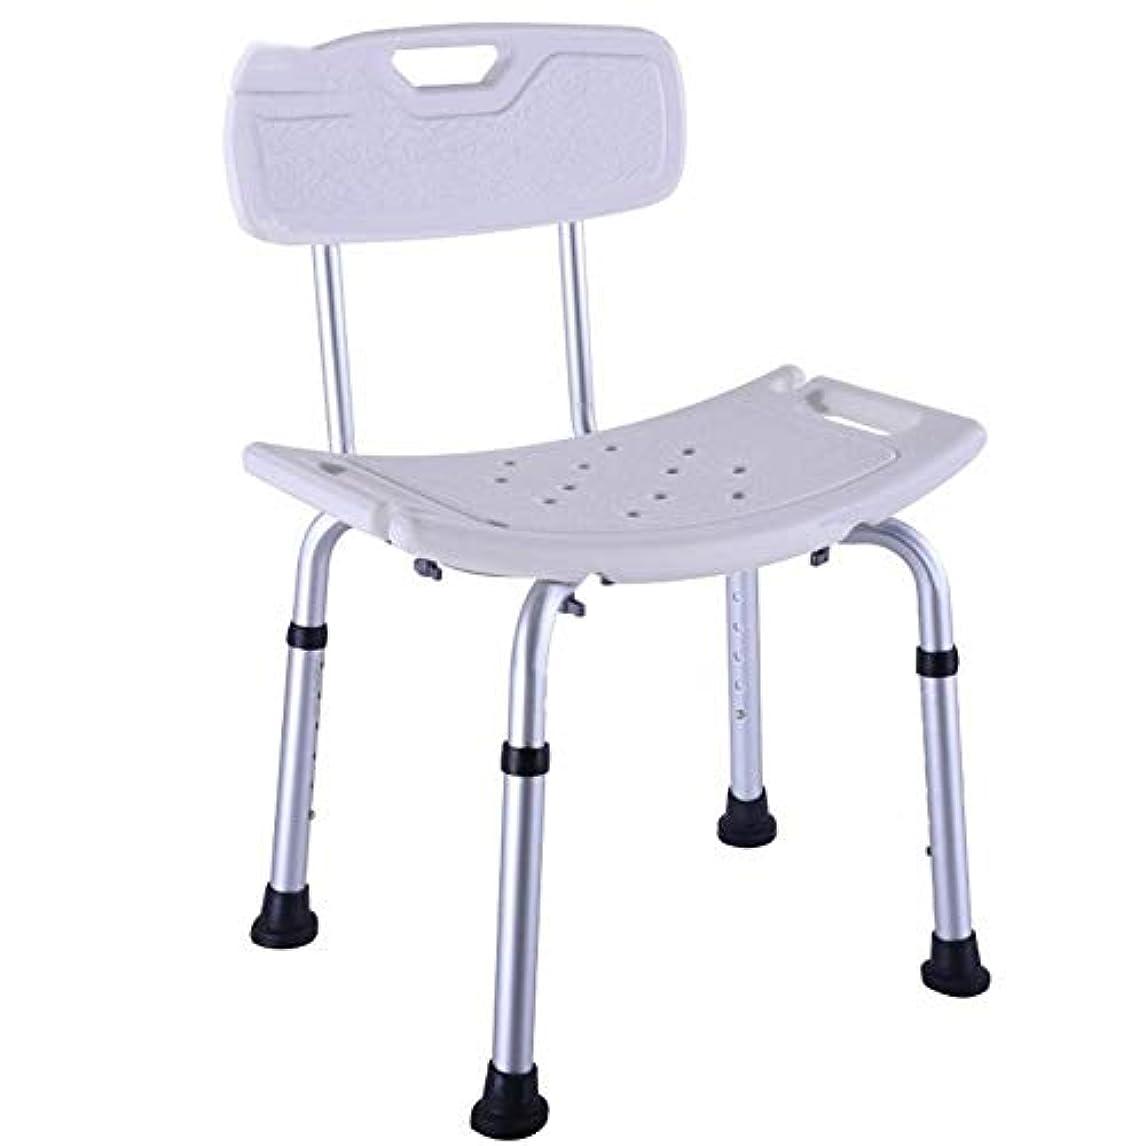 不可能な証明狭い高齢者のための調節可能な高さのシャワーチェア